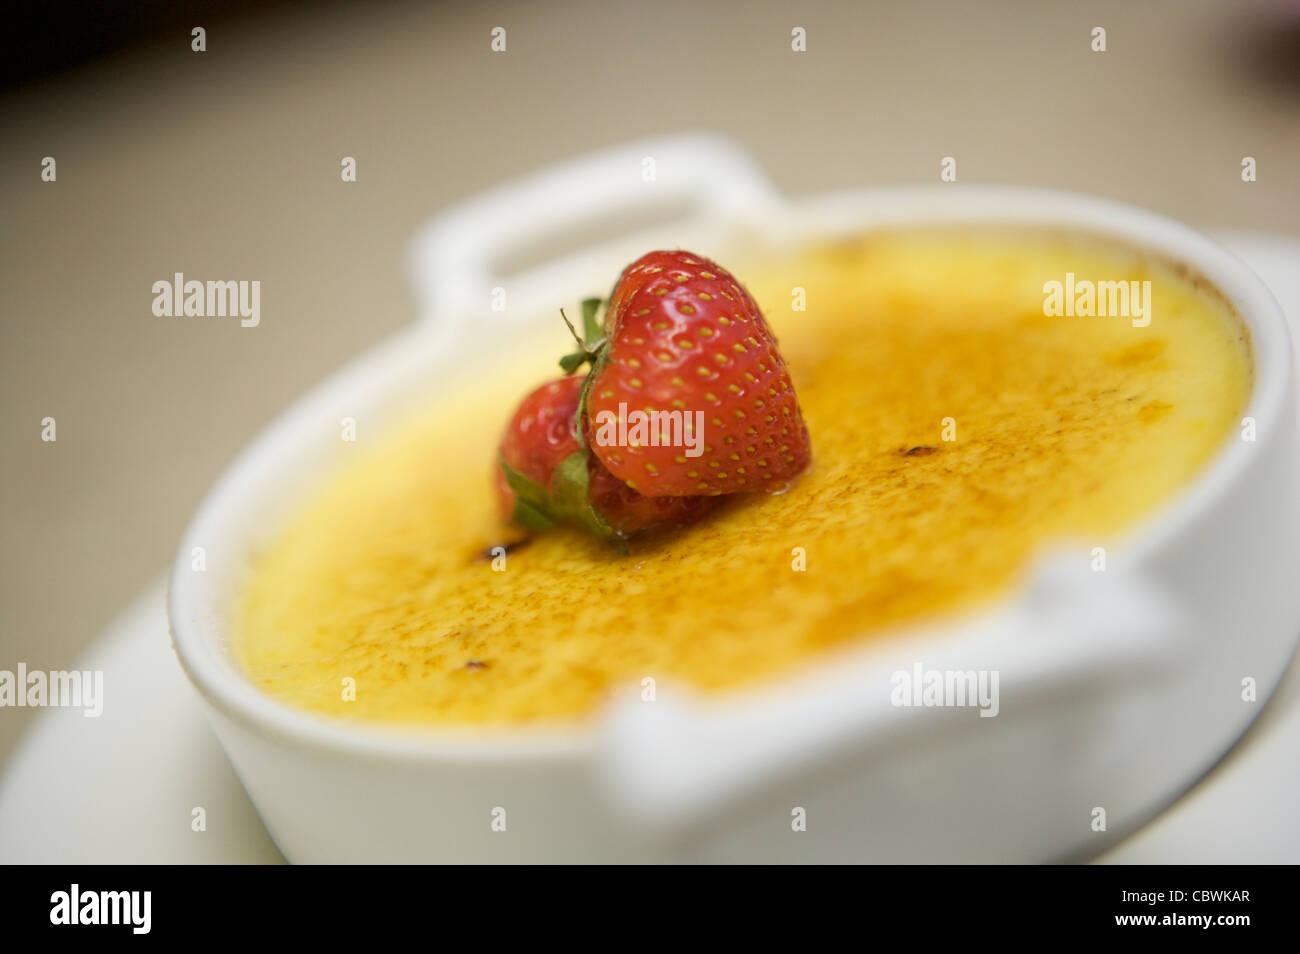 Crème brûlée Pudding/Dessert serviert in einer weißen Schüssel Stockbild